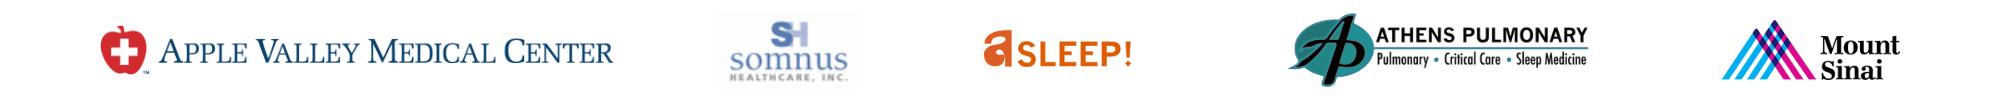 Customer Logos - Slide 2.png